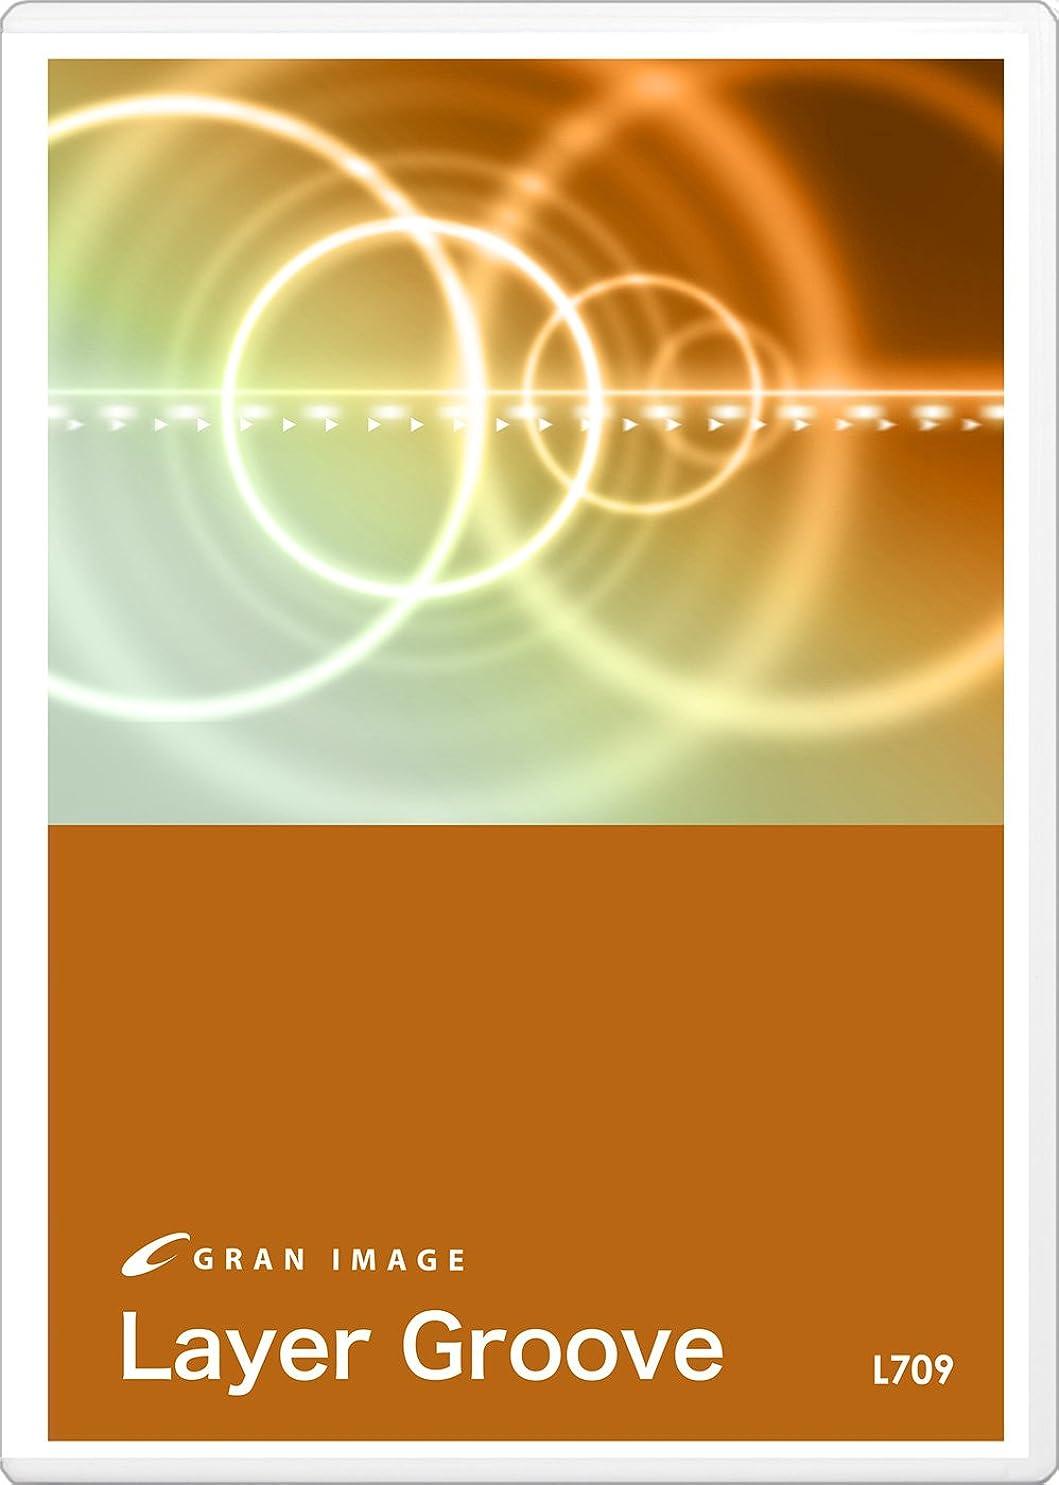 涙フリンジ観点グランイメージ L709 レイヤーグルーブ(ロイヤリティフリーレイヤー素材集)